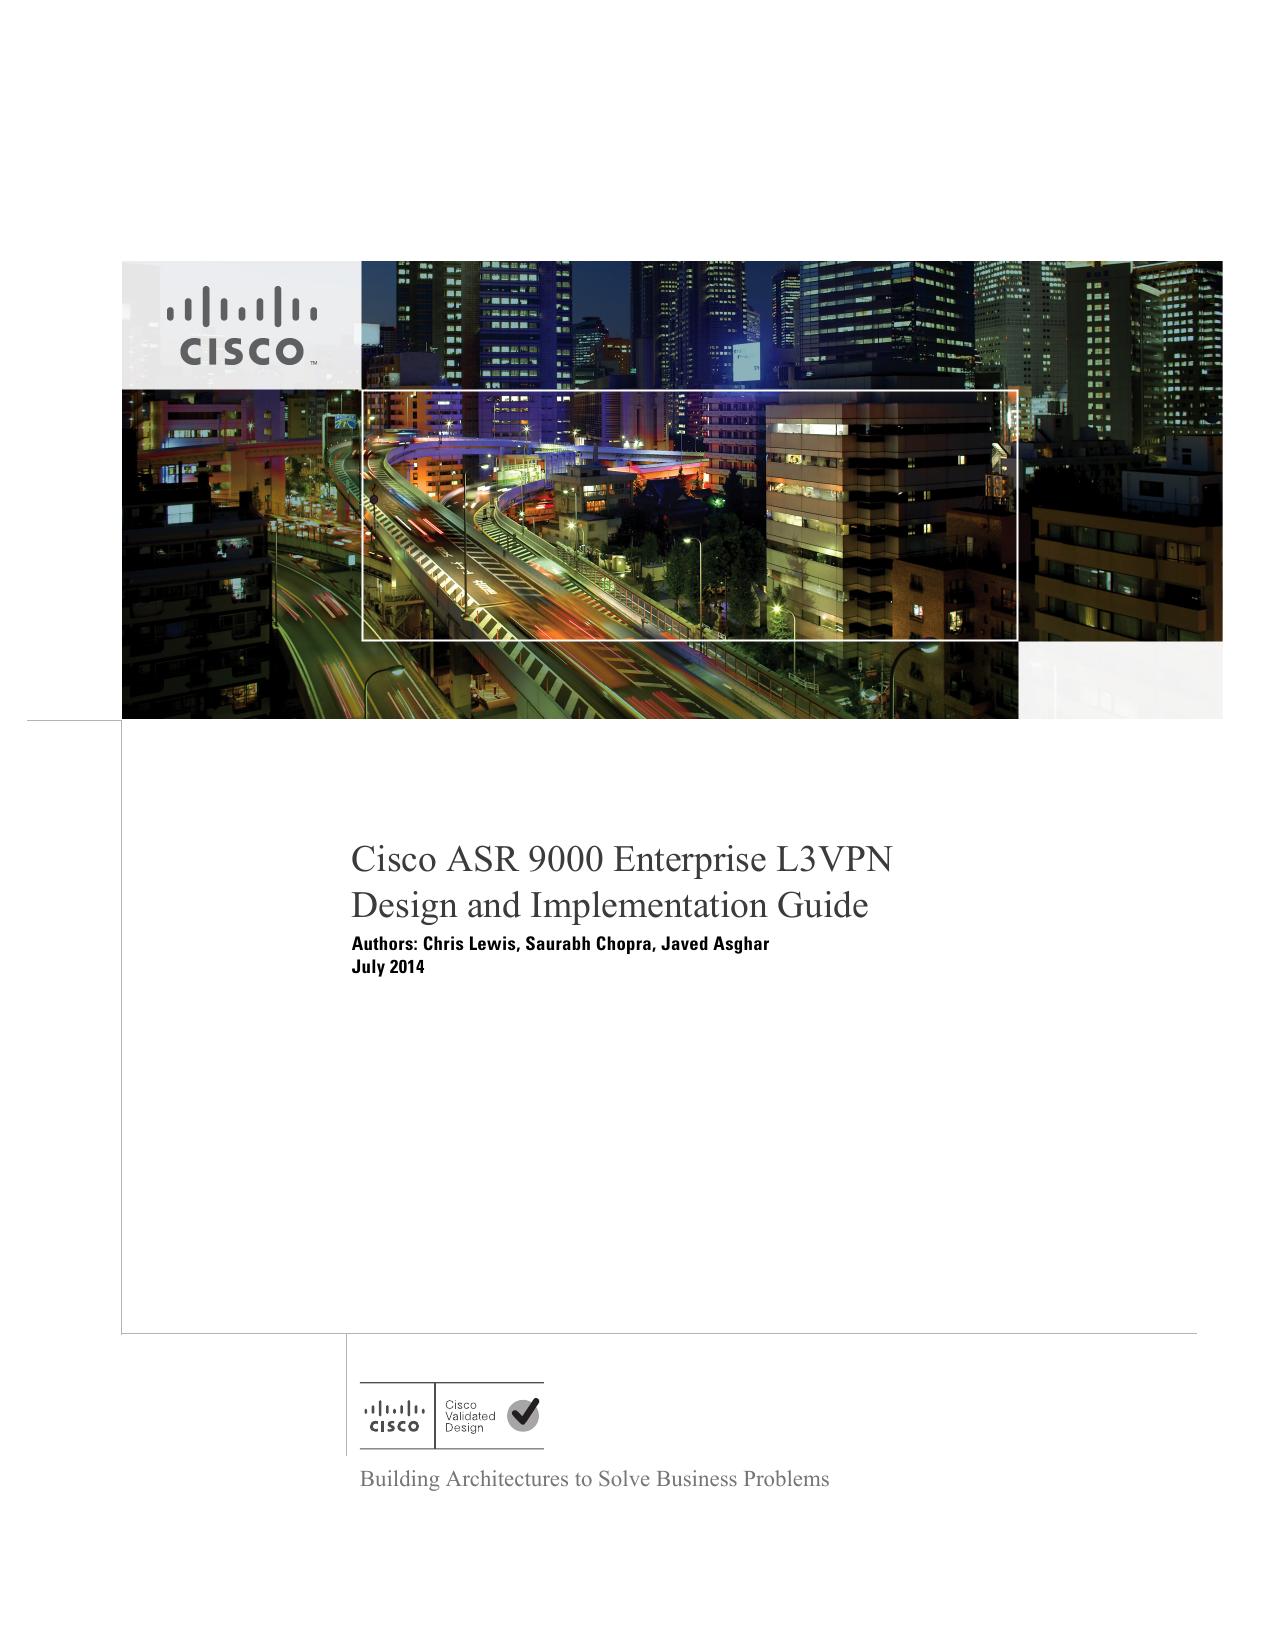 Cisco ASR 9000 Enterprise L3VPN Design and Implementation Guide